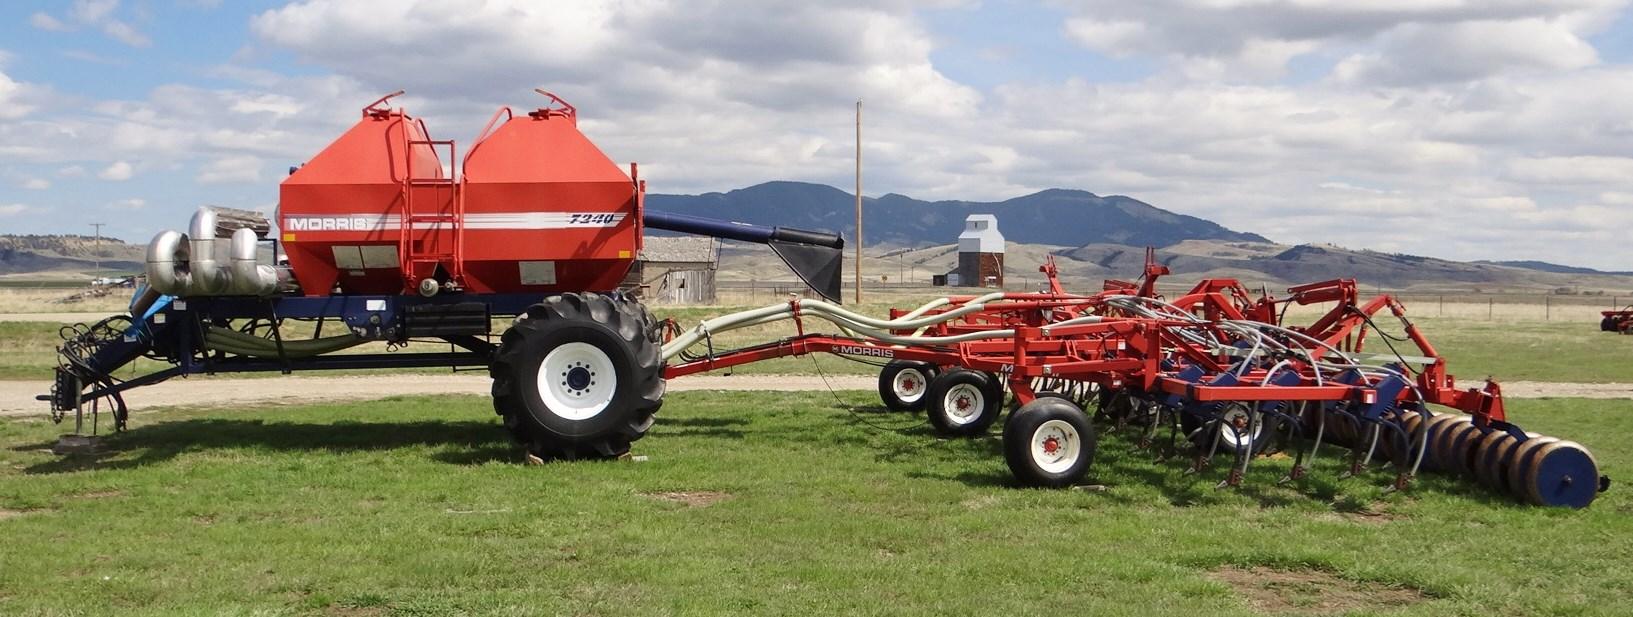 Jim & Marilyn Lewis Retirement Farm Auction